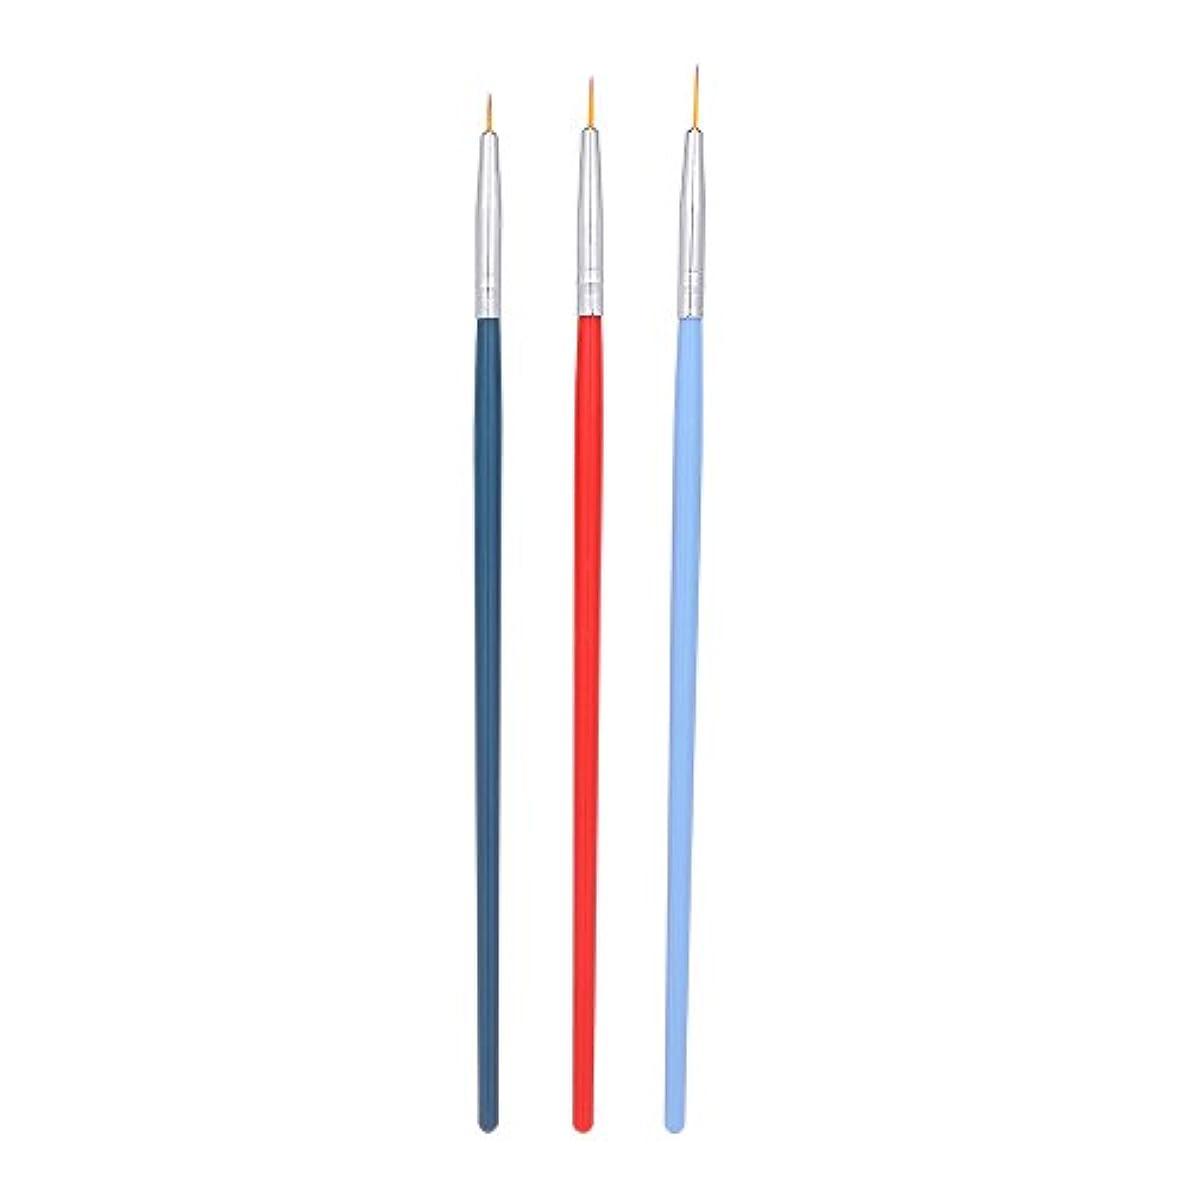 命令的み深遠Decdeal 3本 ネイルアートライナーブラシ ネイルブラシ ペン UVジェル塗装 セット マニキュア ネイルツール プラスチックハンドル